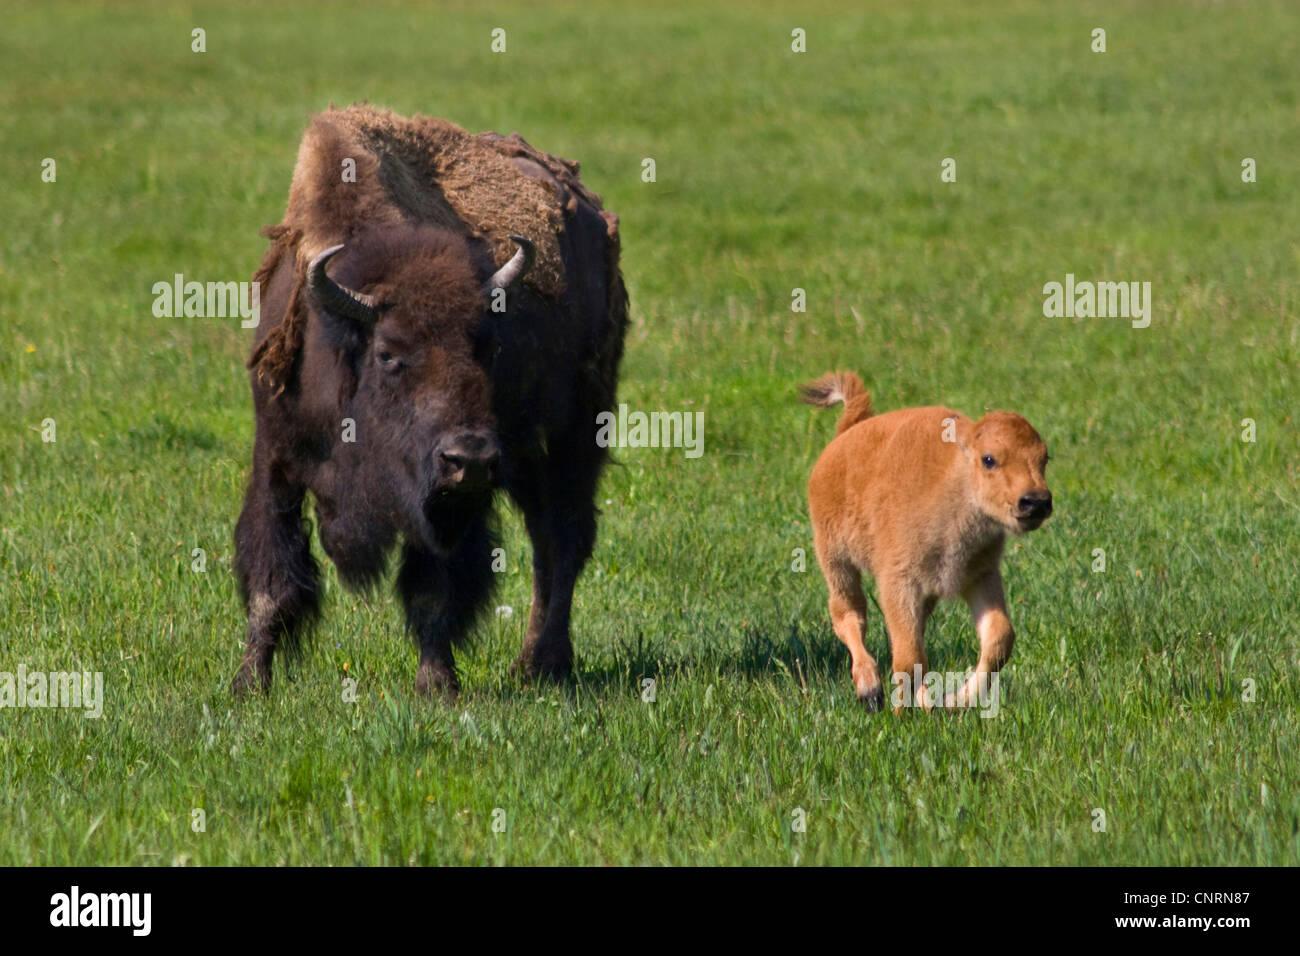 Amerikanische Bison, Büffel (Bison Bison), A BISON Kuh mit ihrem Kalb Futter fd48f3756a